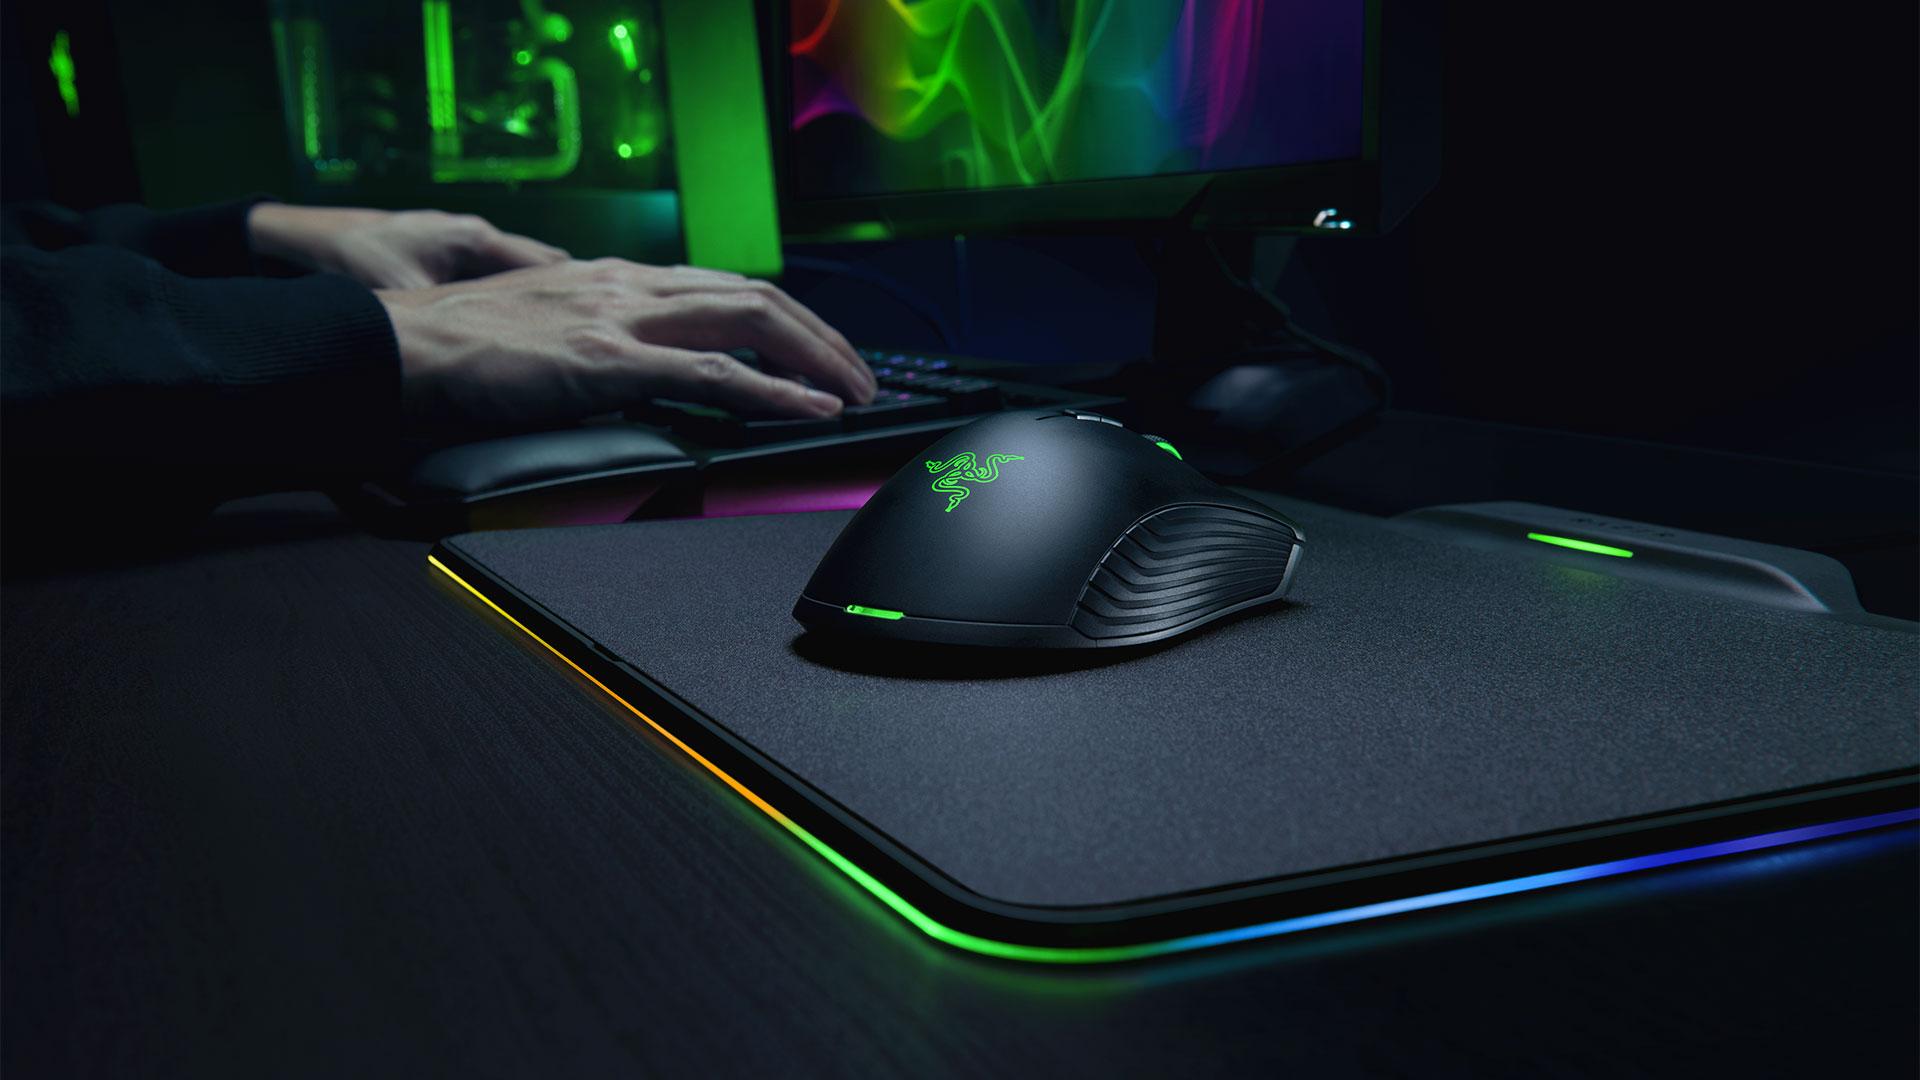 Новая мышь Razer не имеет батареи и заряжается от коврика